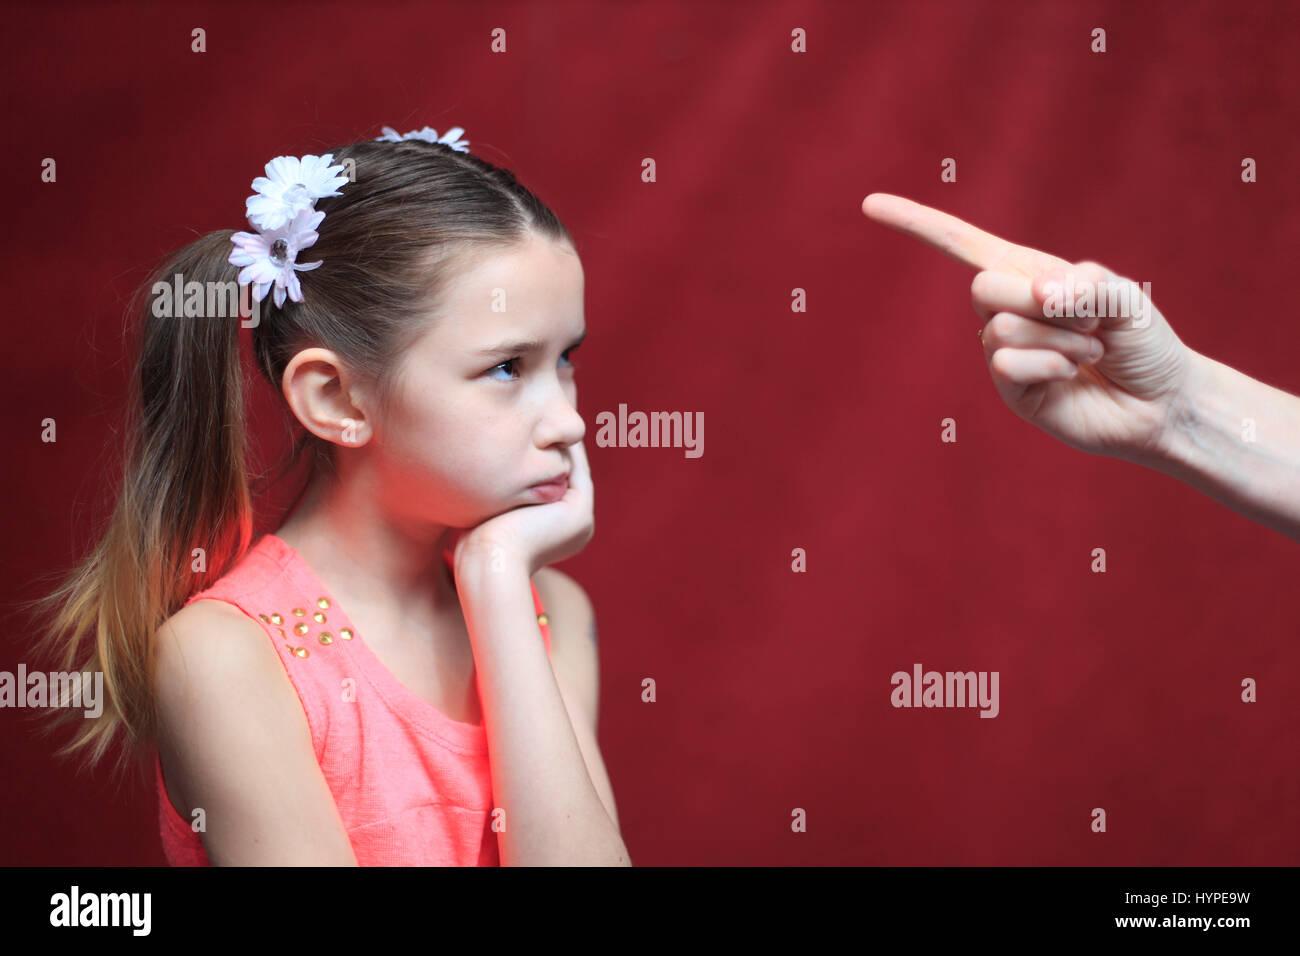 Frankreich, 10 Jahre altes Mädchen mit Blick auf elterliche Gewalt Stockfoto